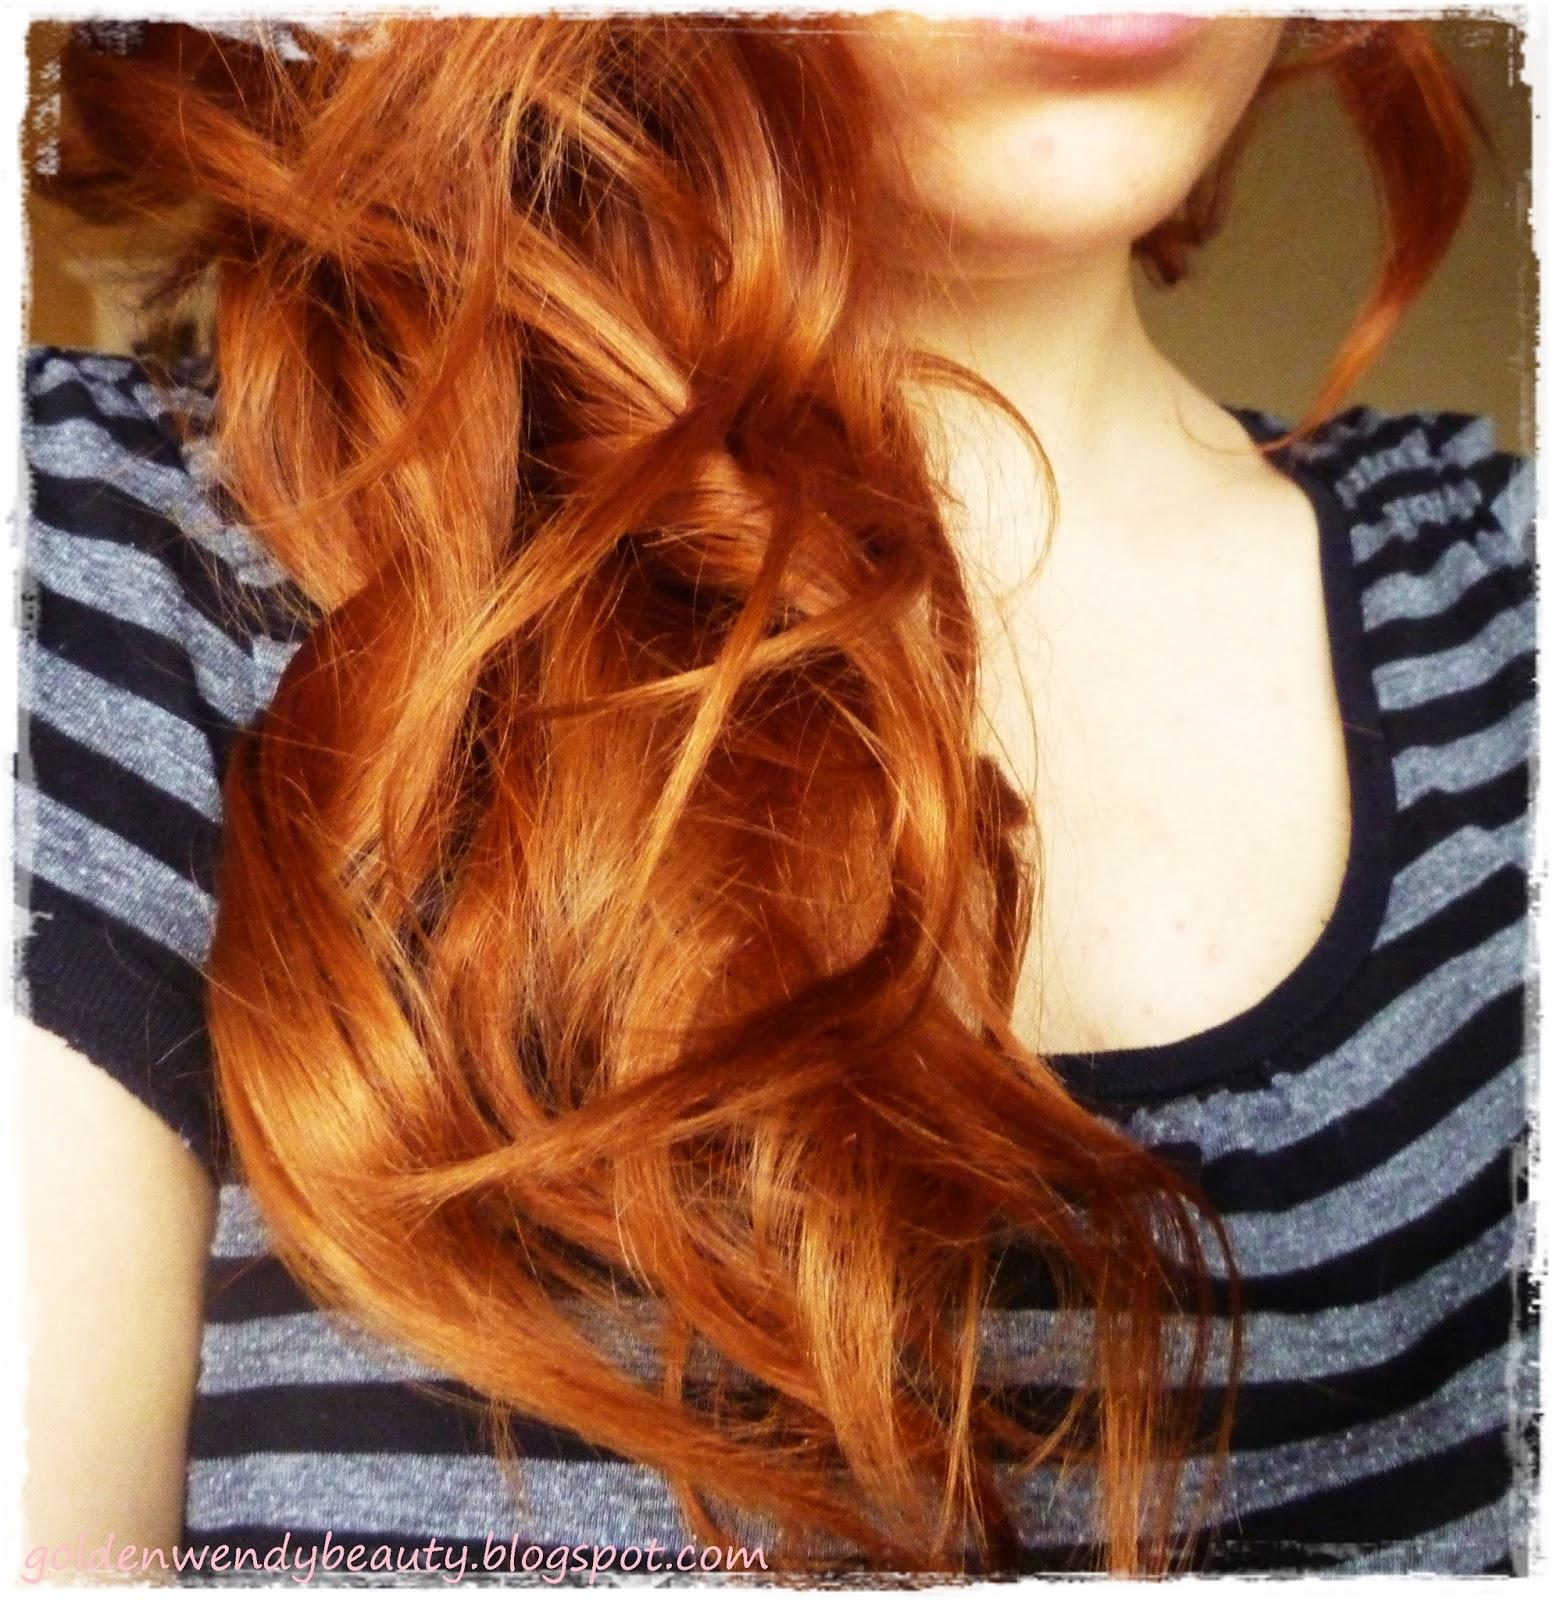 Couleur cheveux 7 43